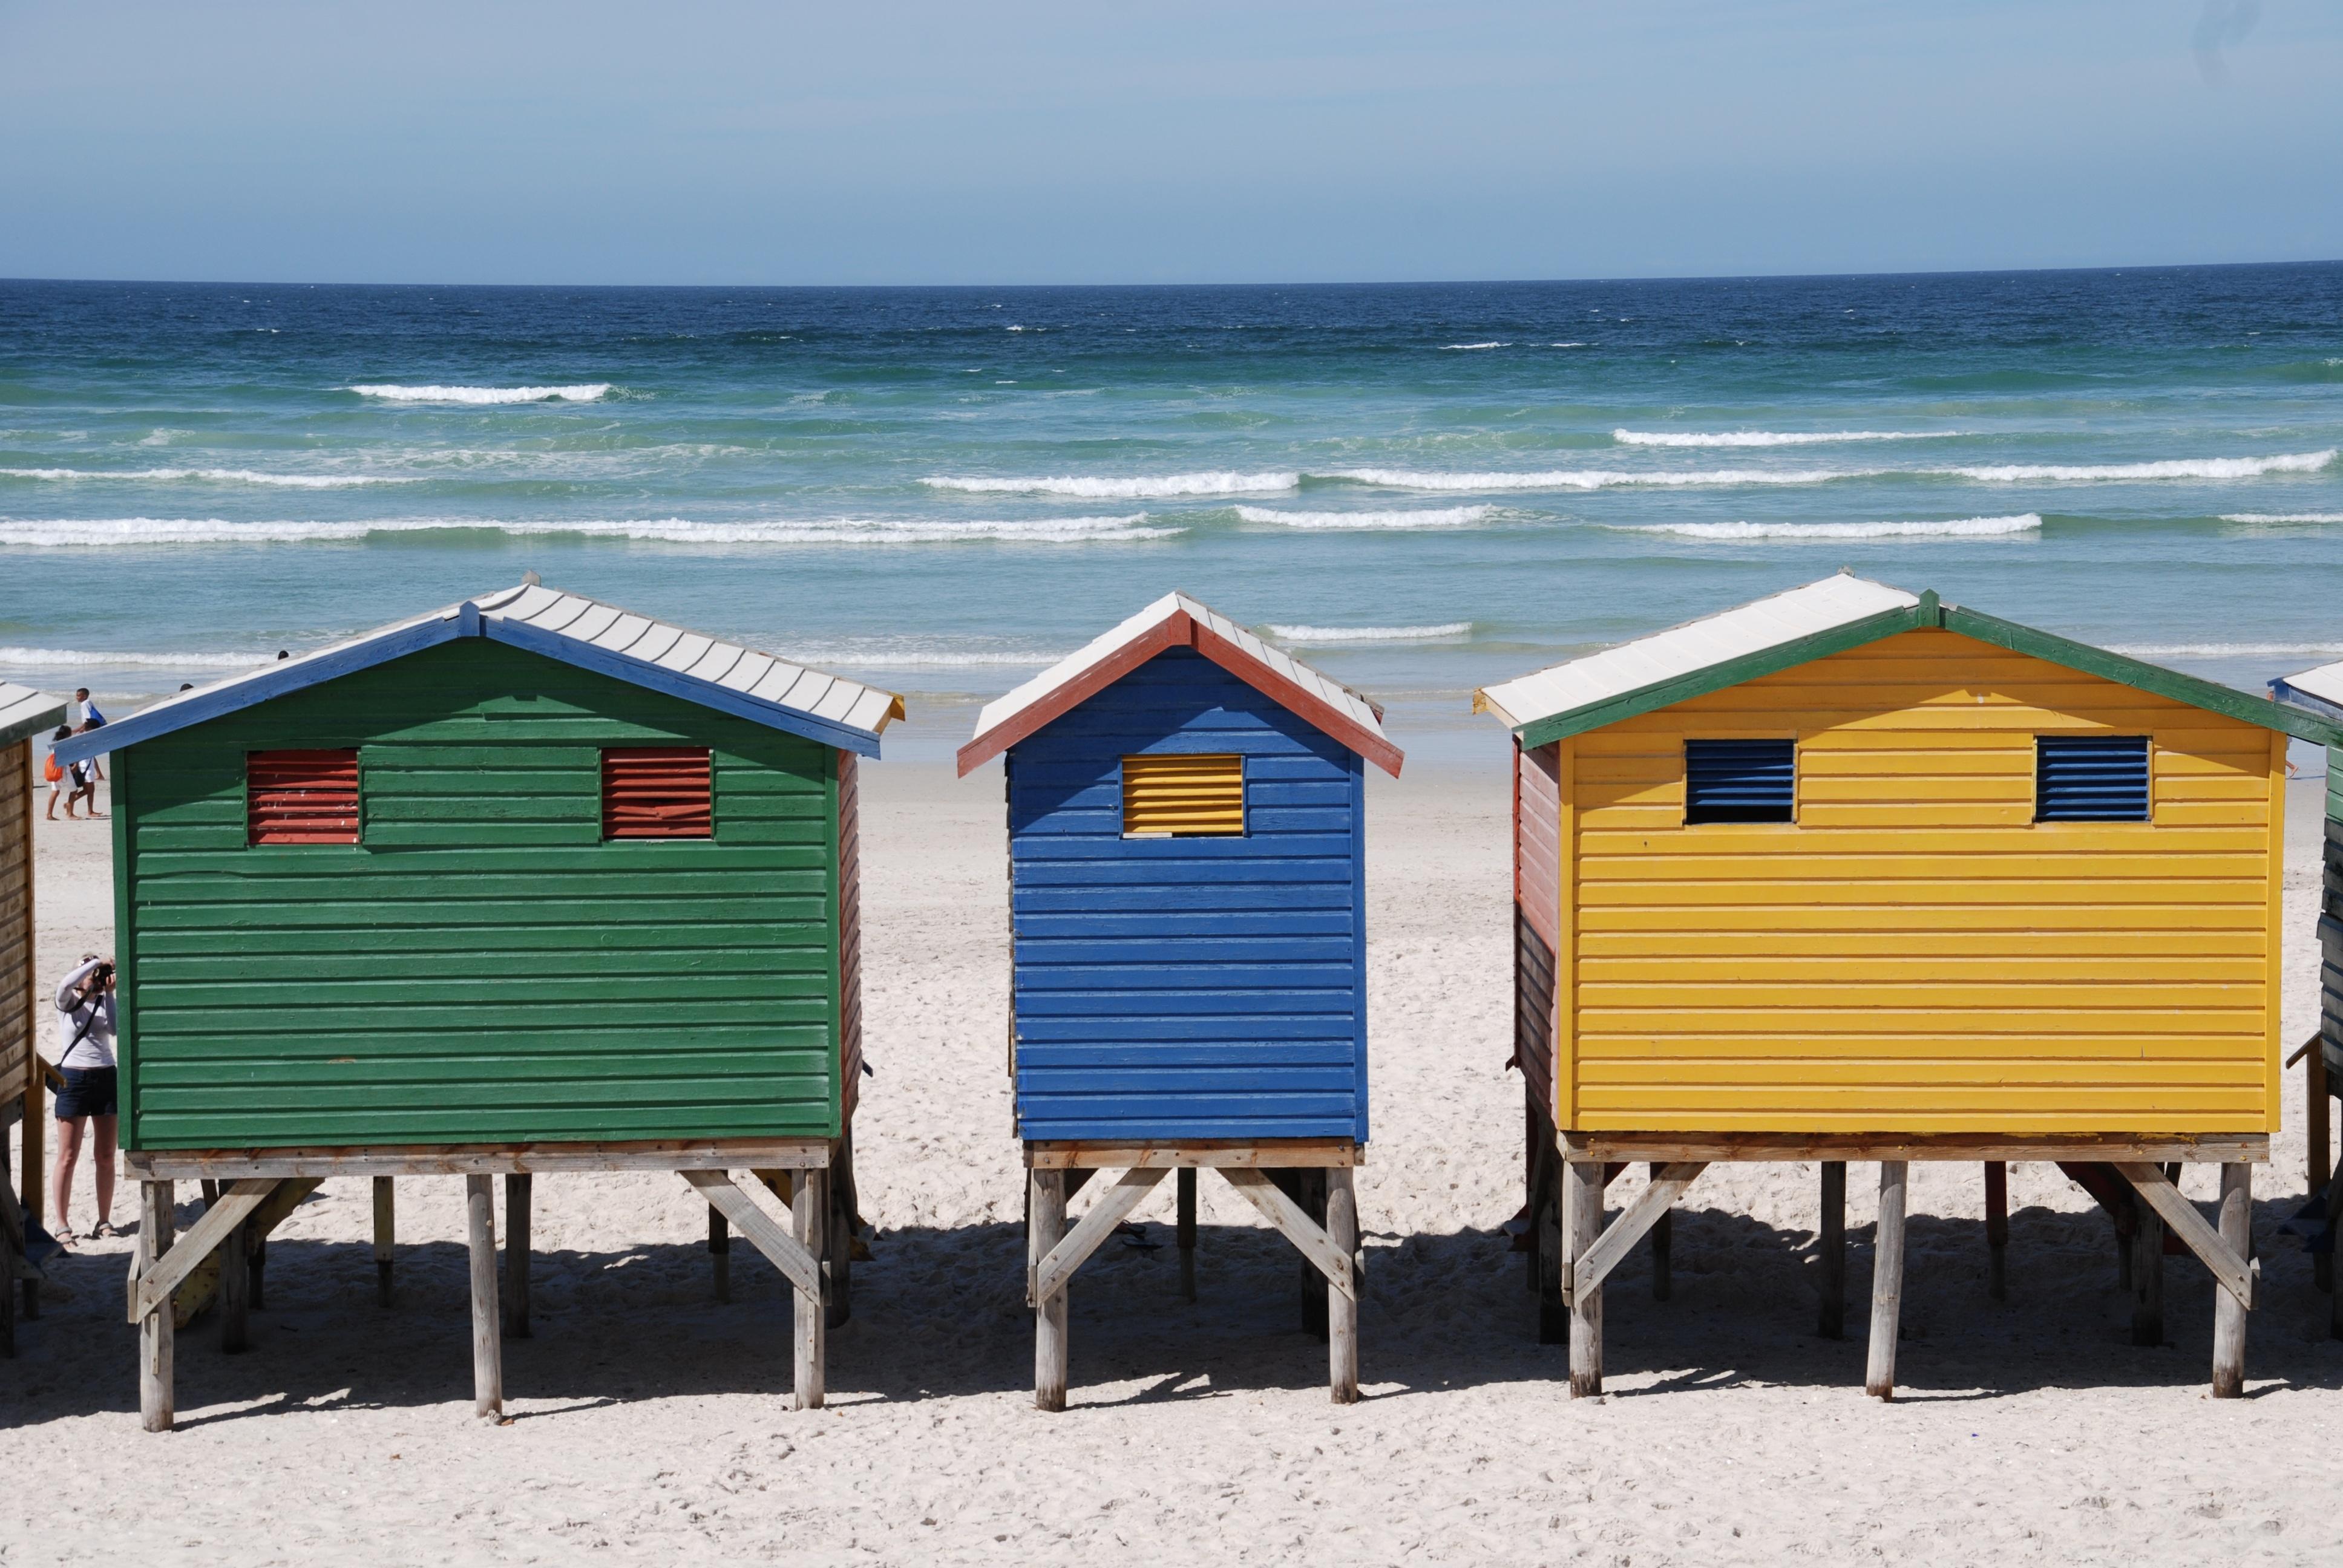 Fotos gratis mar agua madera choza caba a azul - Cabanas en la playa ...